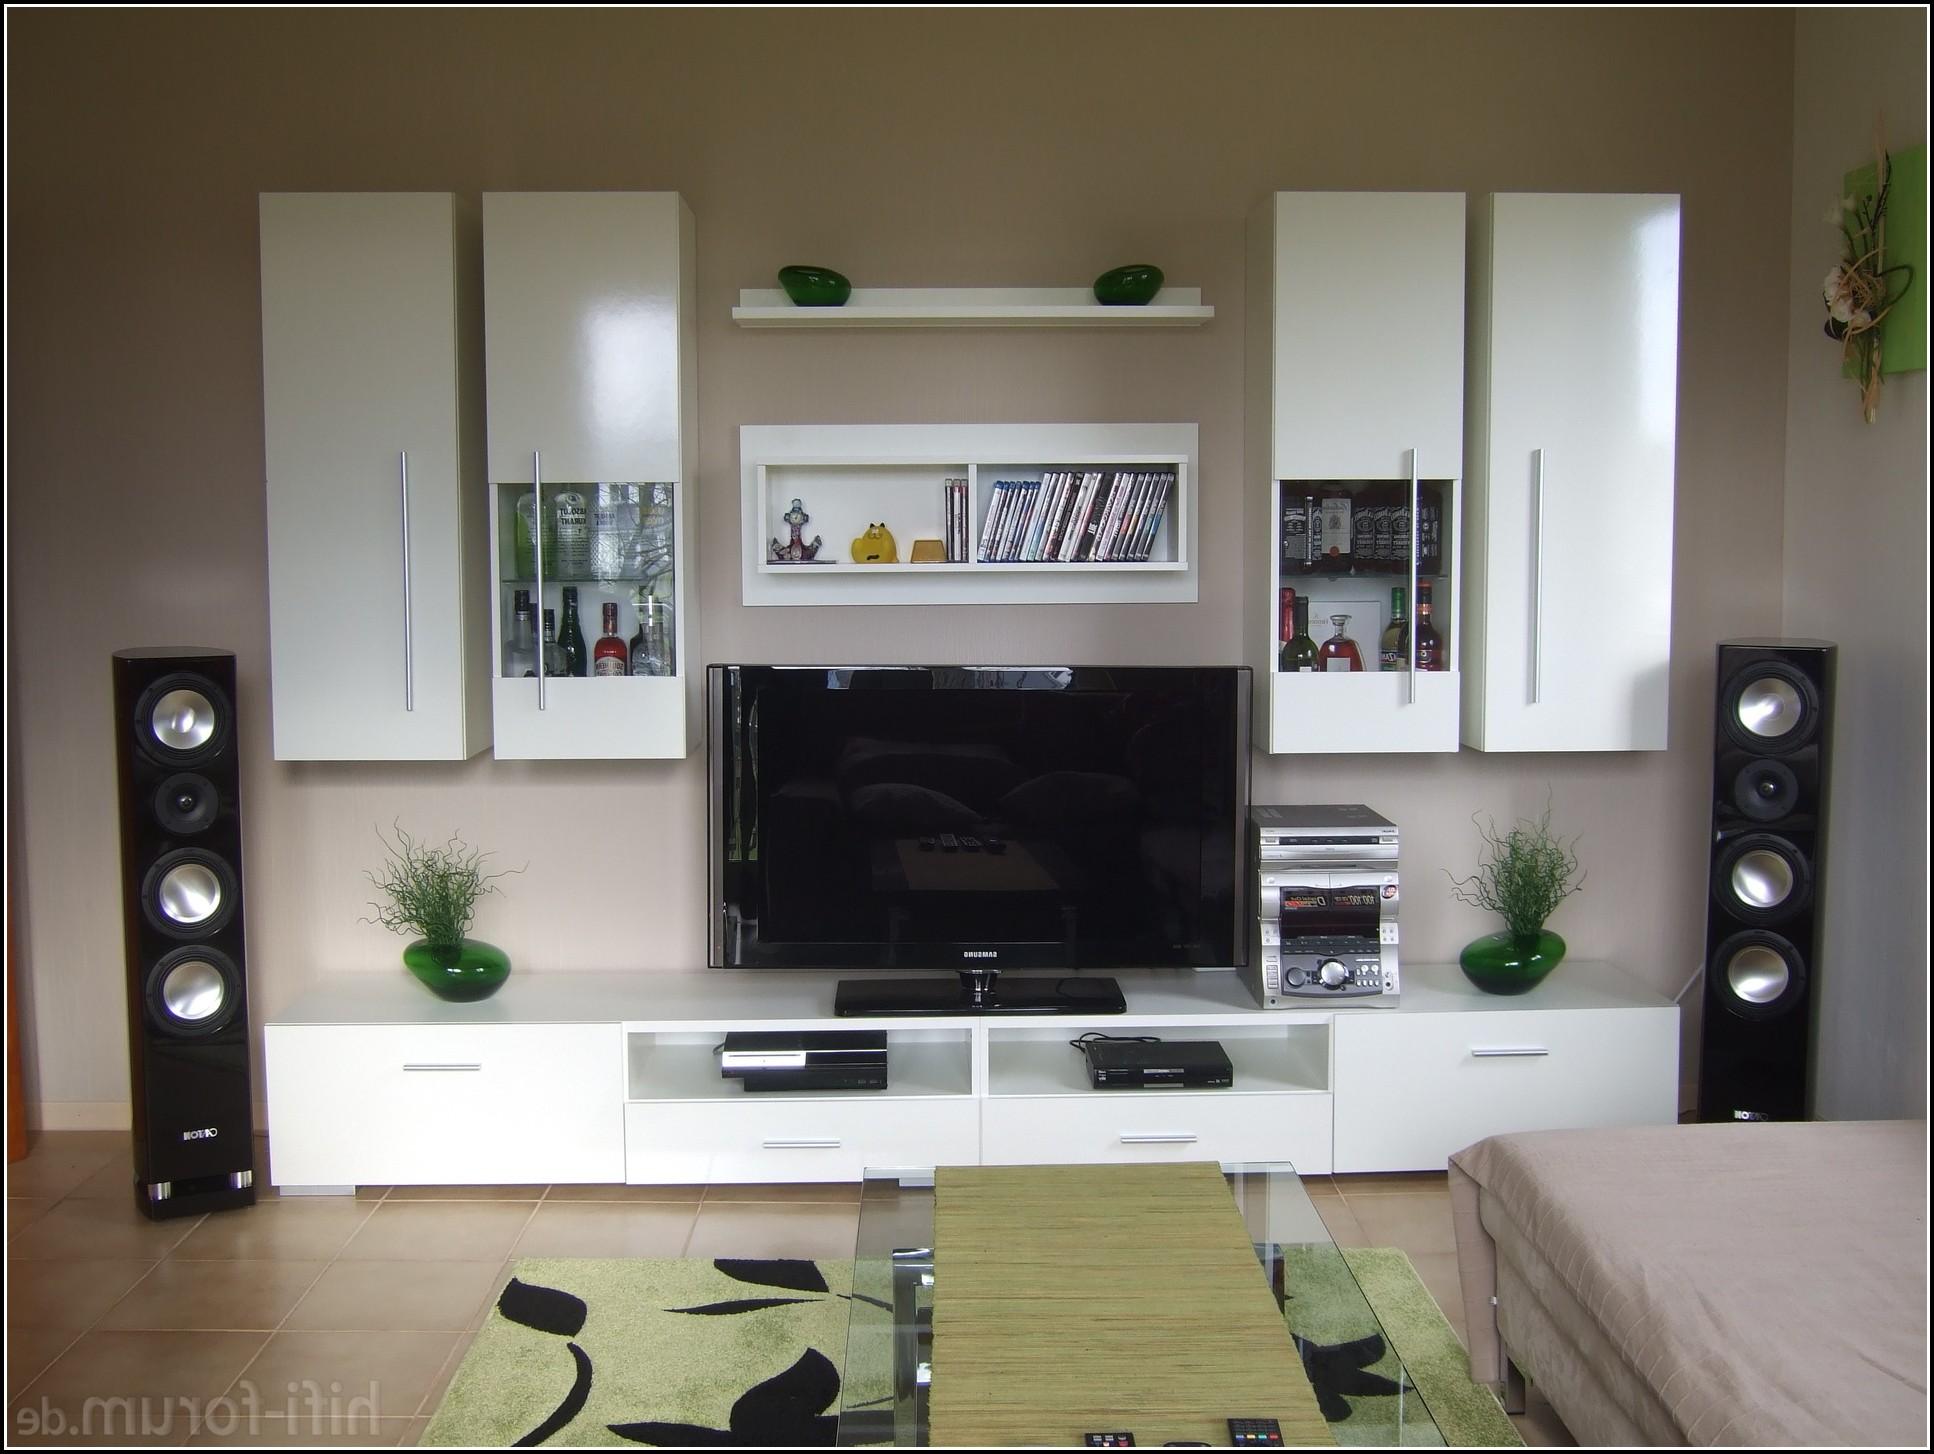 Bilder wohnzimmer leinwand wohnzimmer house und dekor for Wohnzimmer bilder leinwand